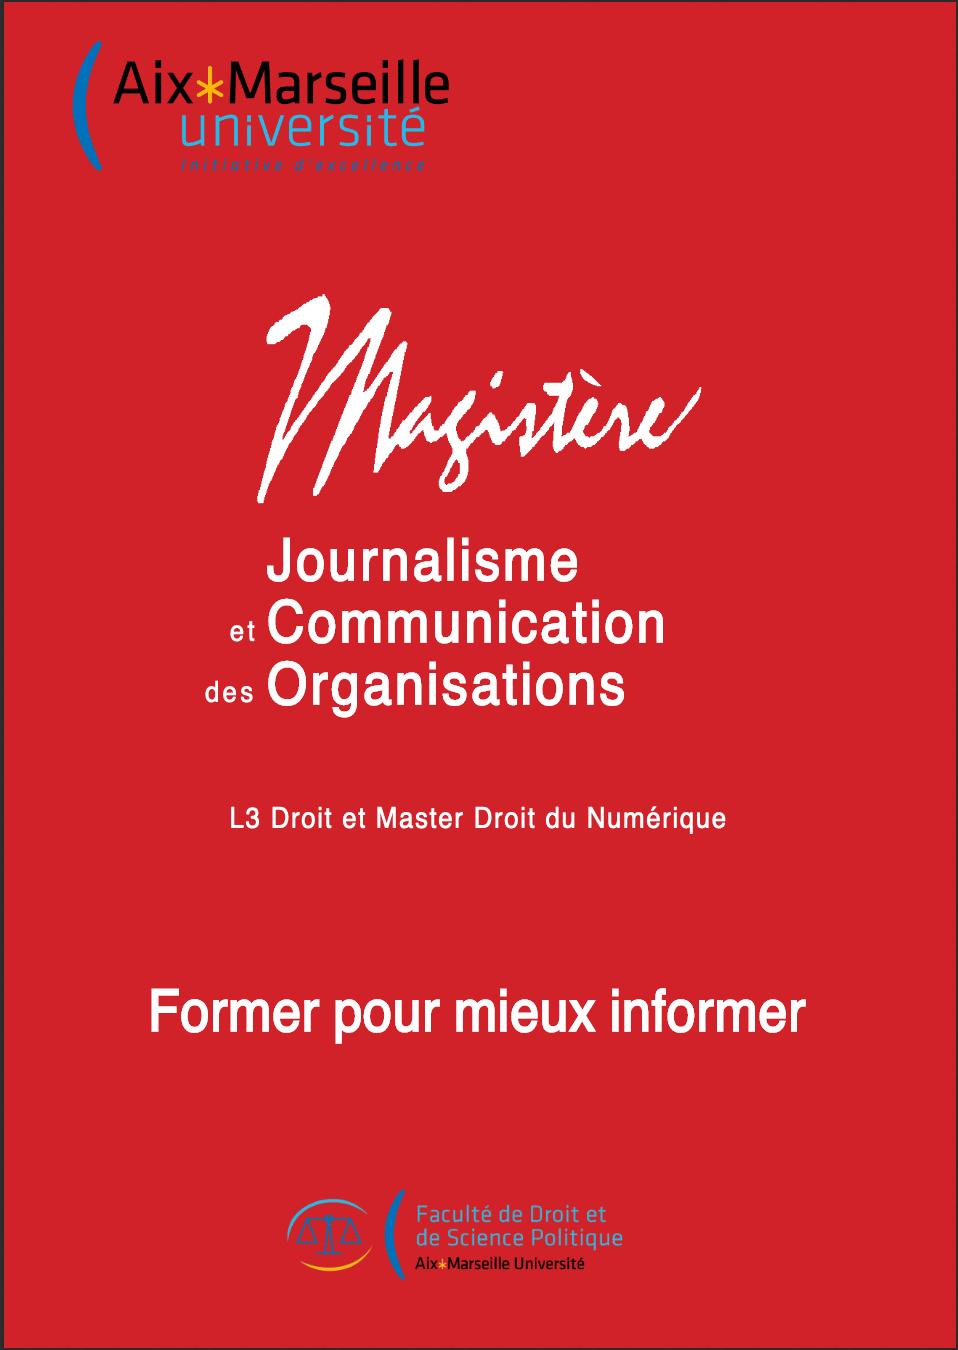 Image de la plaquette du Magistère JCO